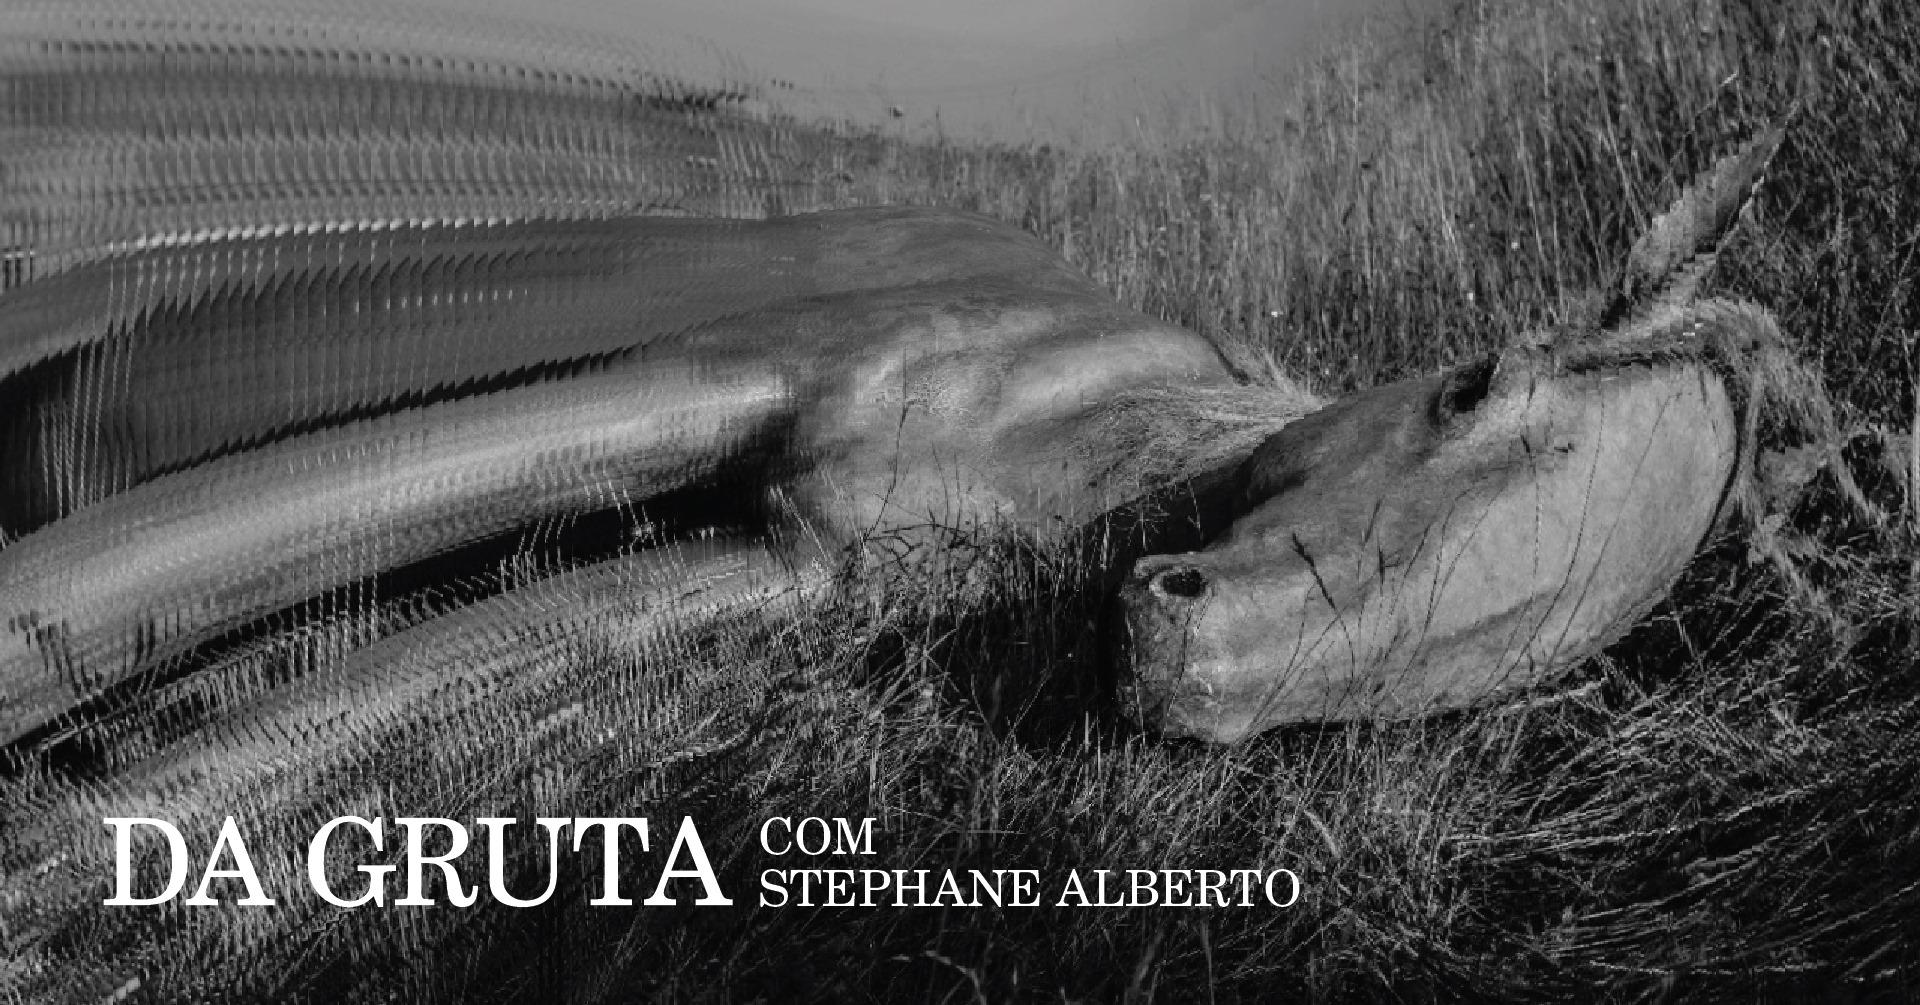 Da Gruta com Stephane Alberto